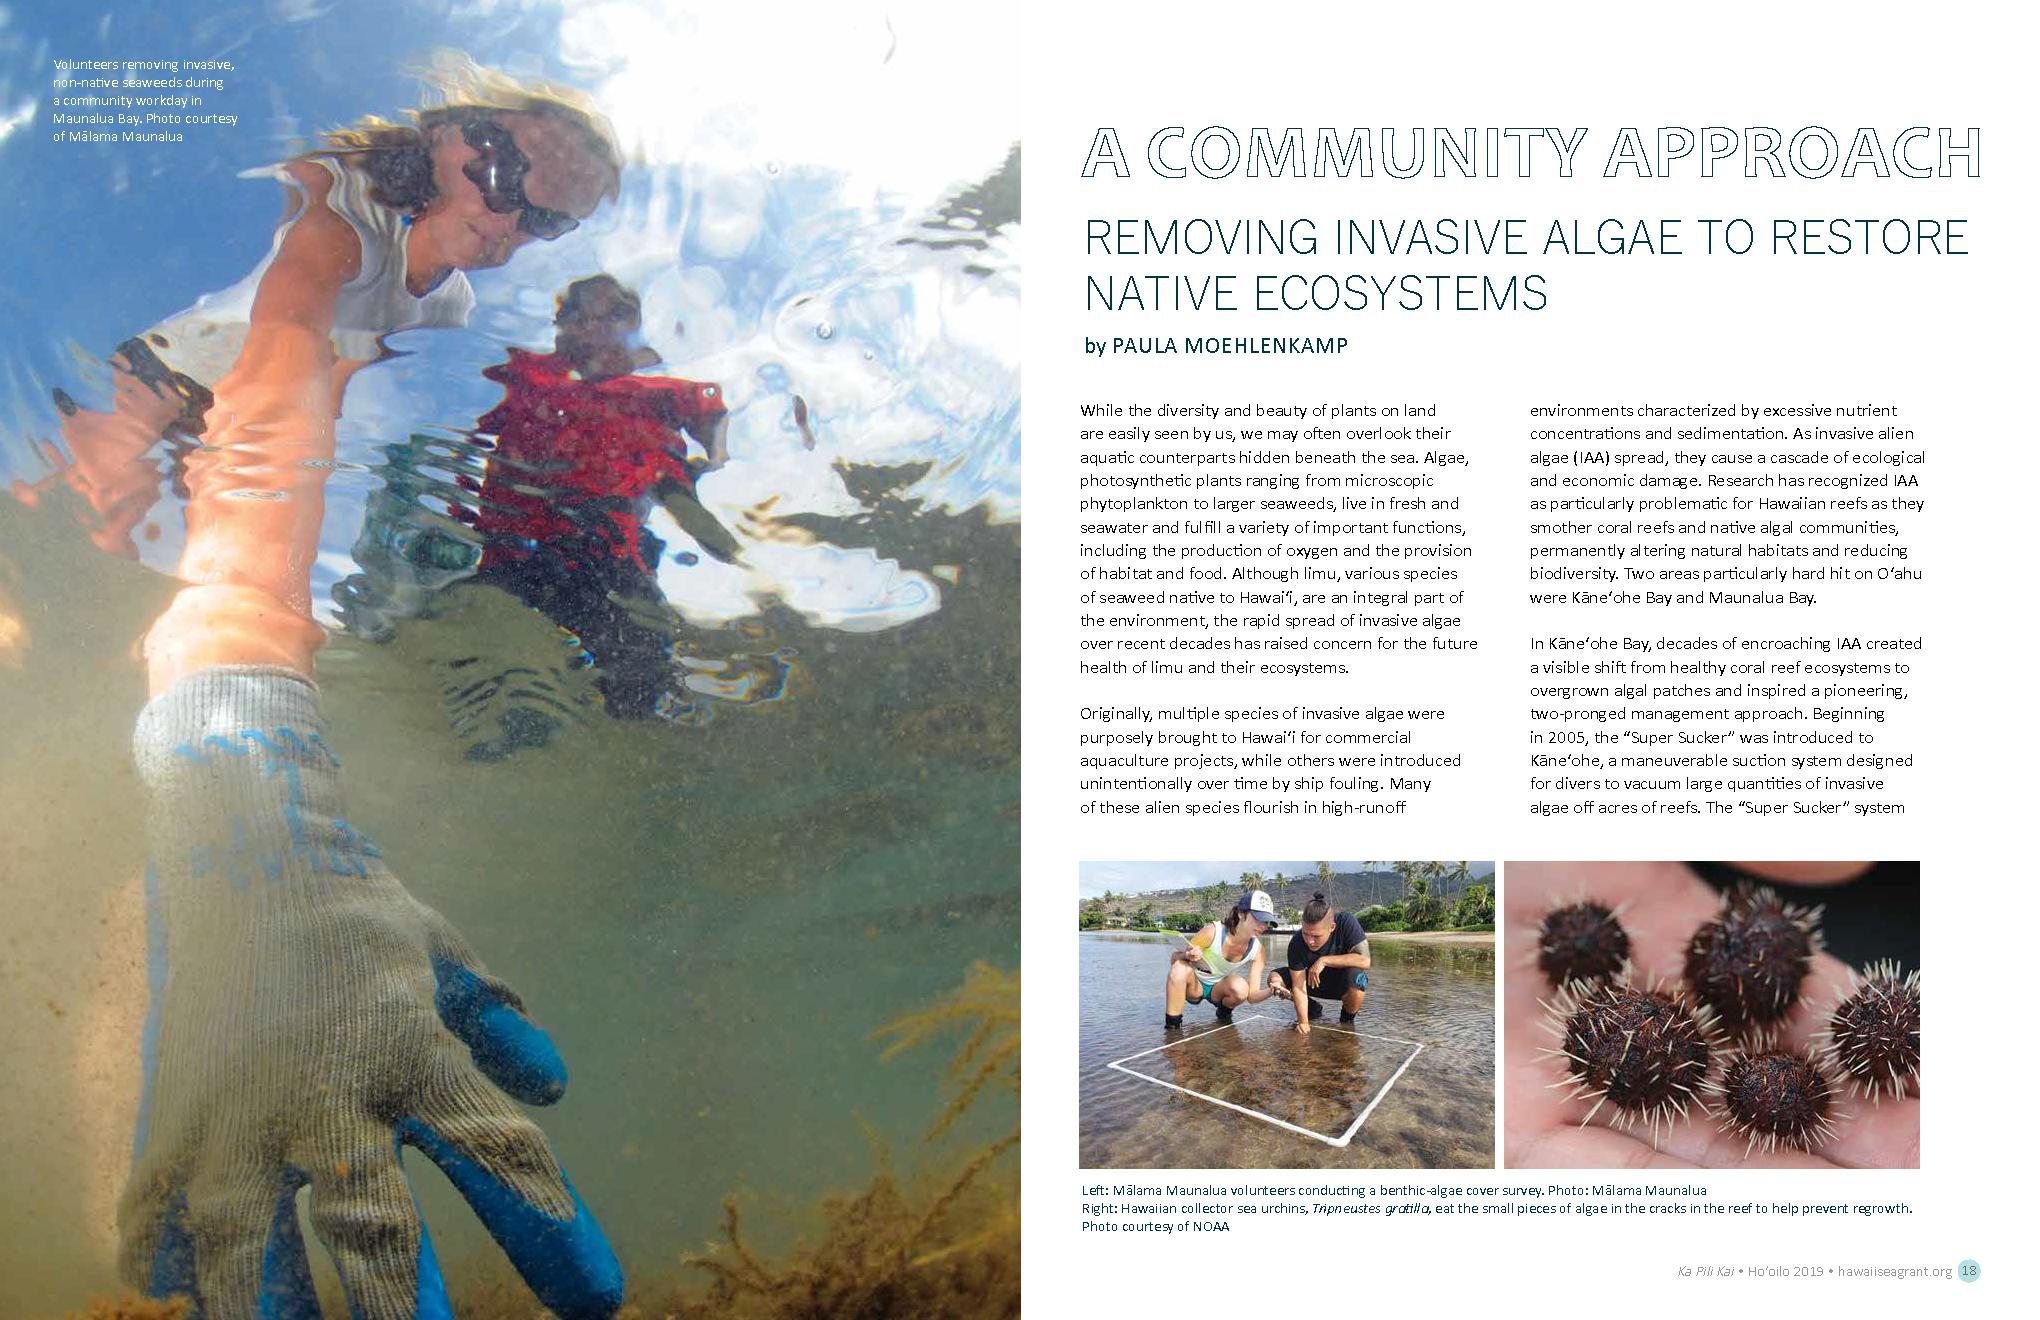 Removing Invasive Algae to Restore Native Ecosystems